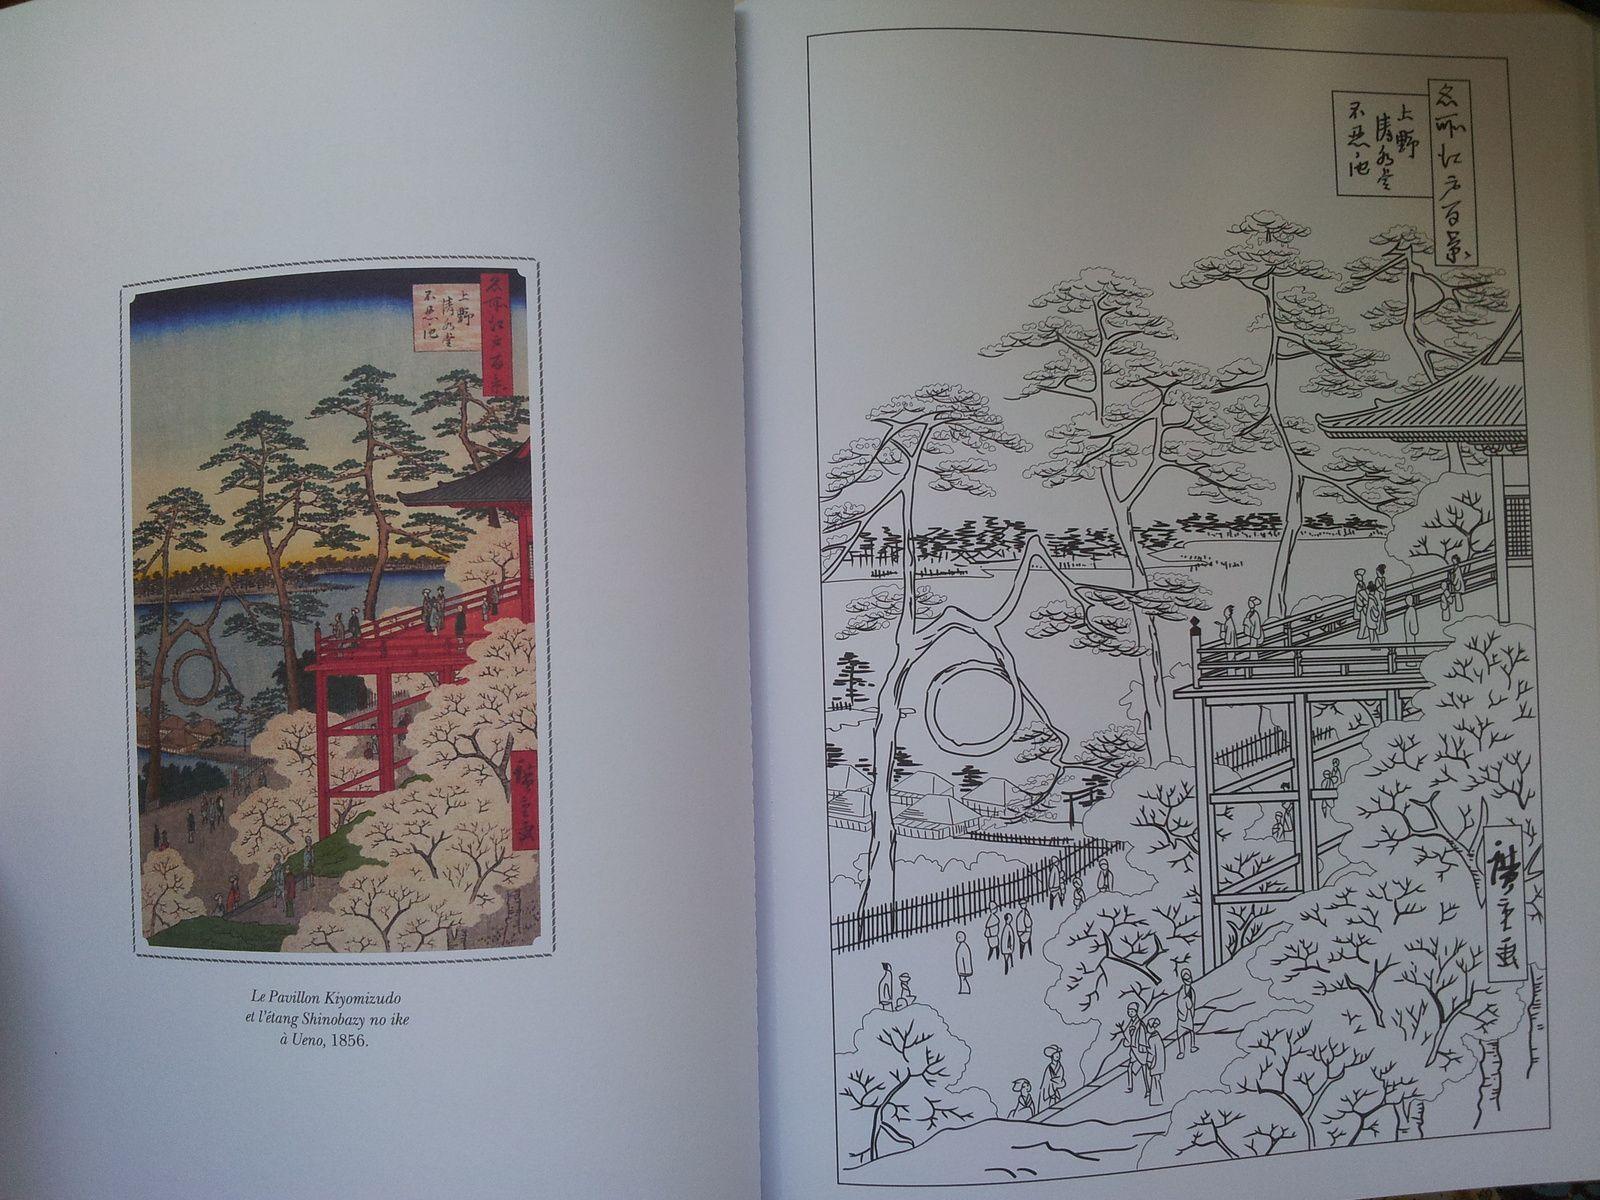 A la rencontre d'Hokusai, des mangas, et de l'art des estampes.